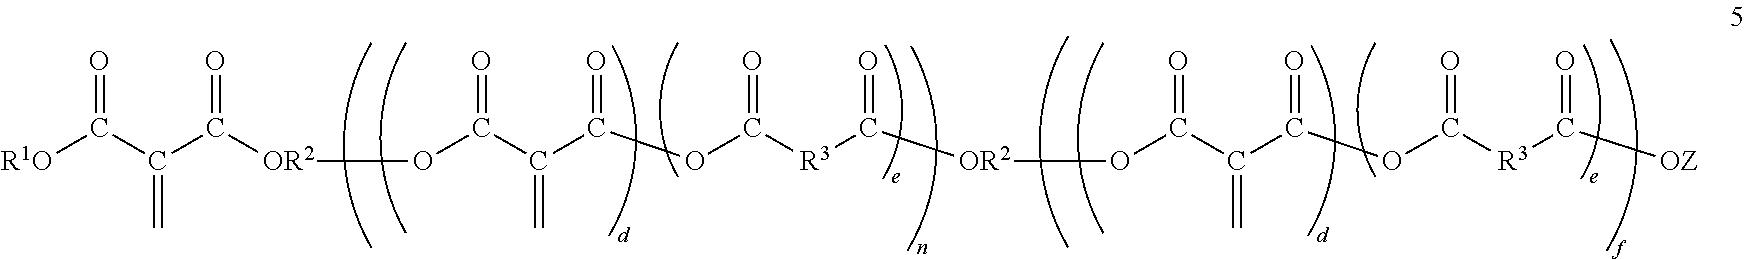 Figure US09617377-20170411-C00006